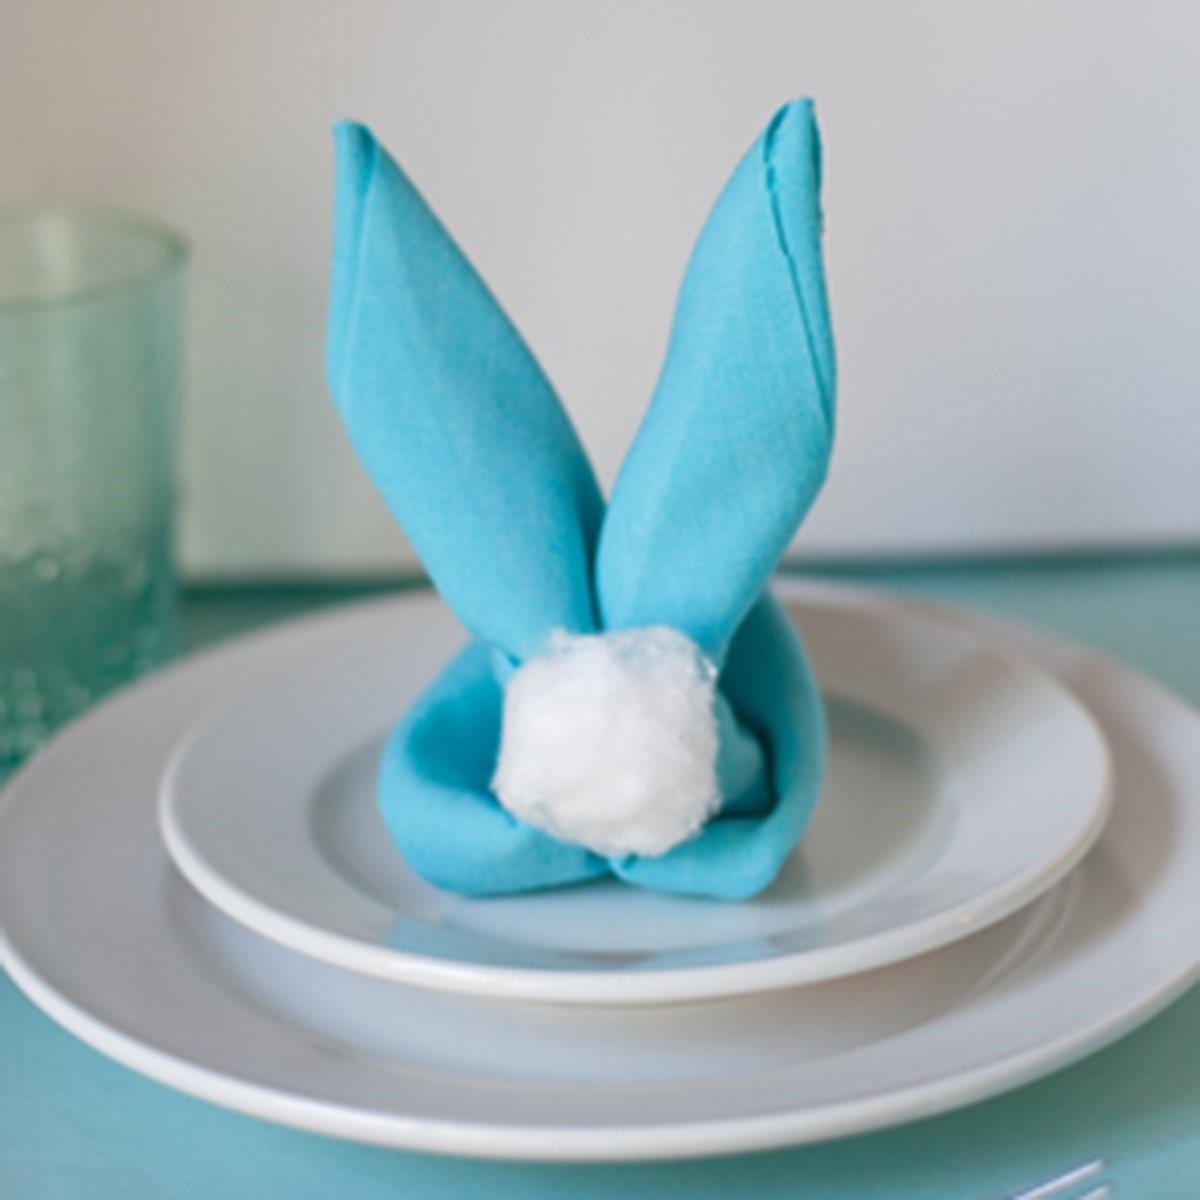 Oreilles et queue de lapin comme décoration de table.